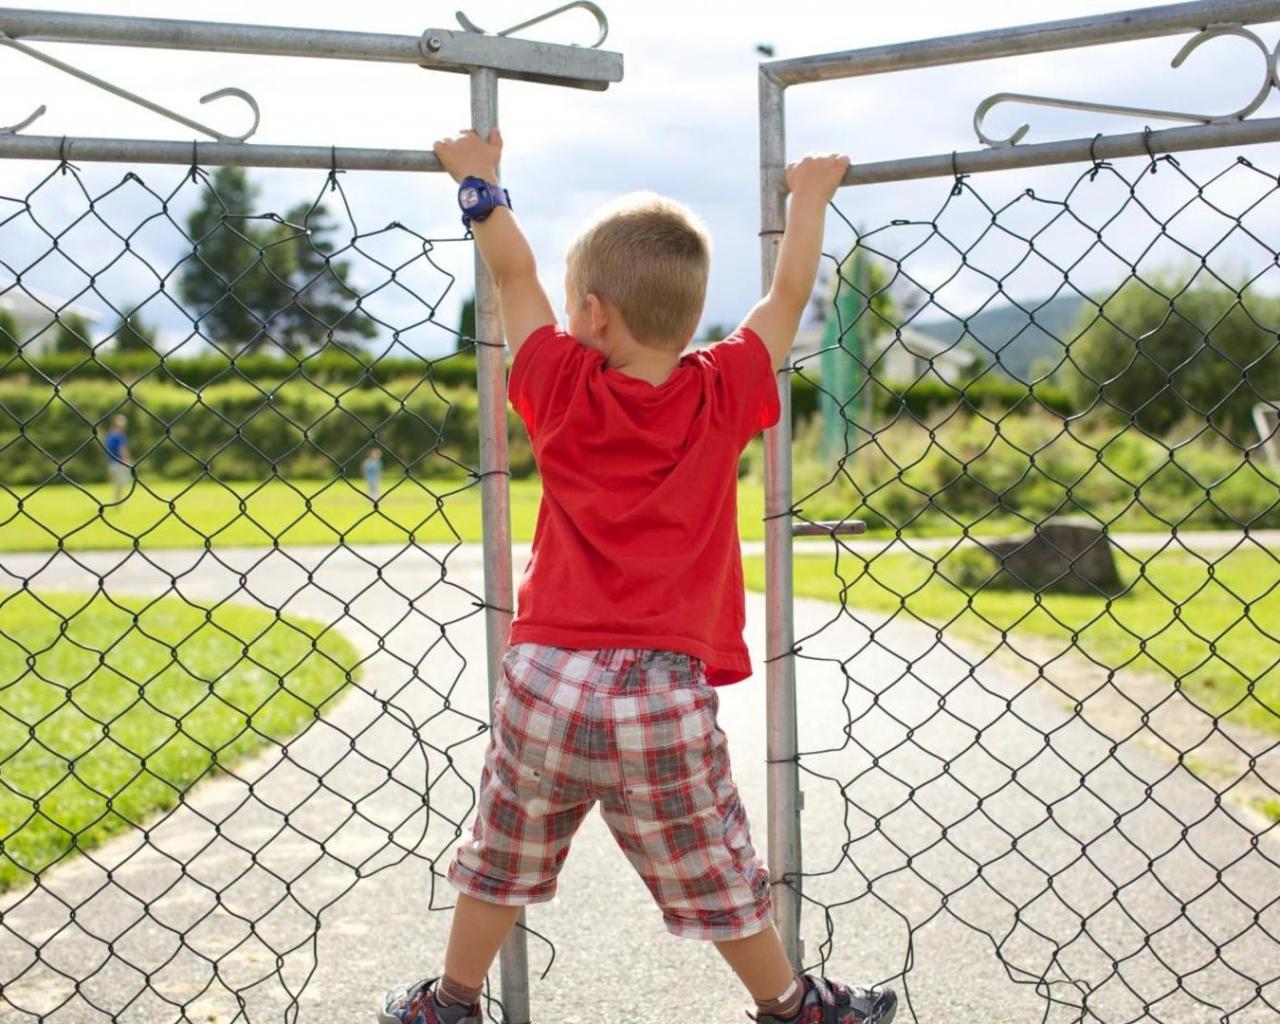 赤ちゃんの運動遊び。無理をさせない運動のさせ方について